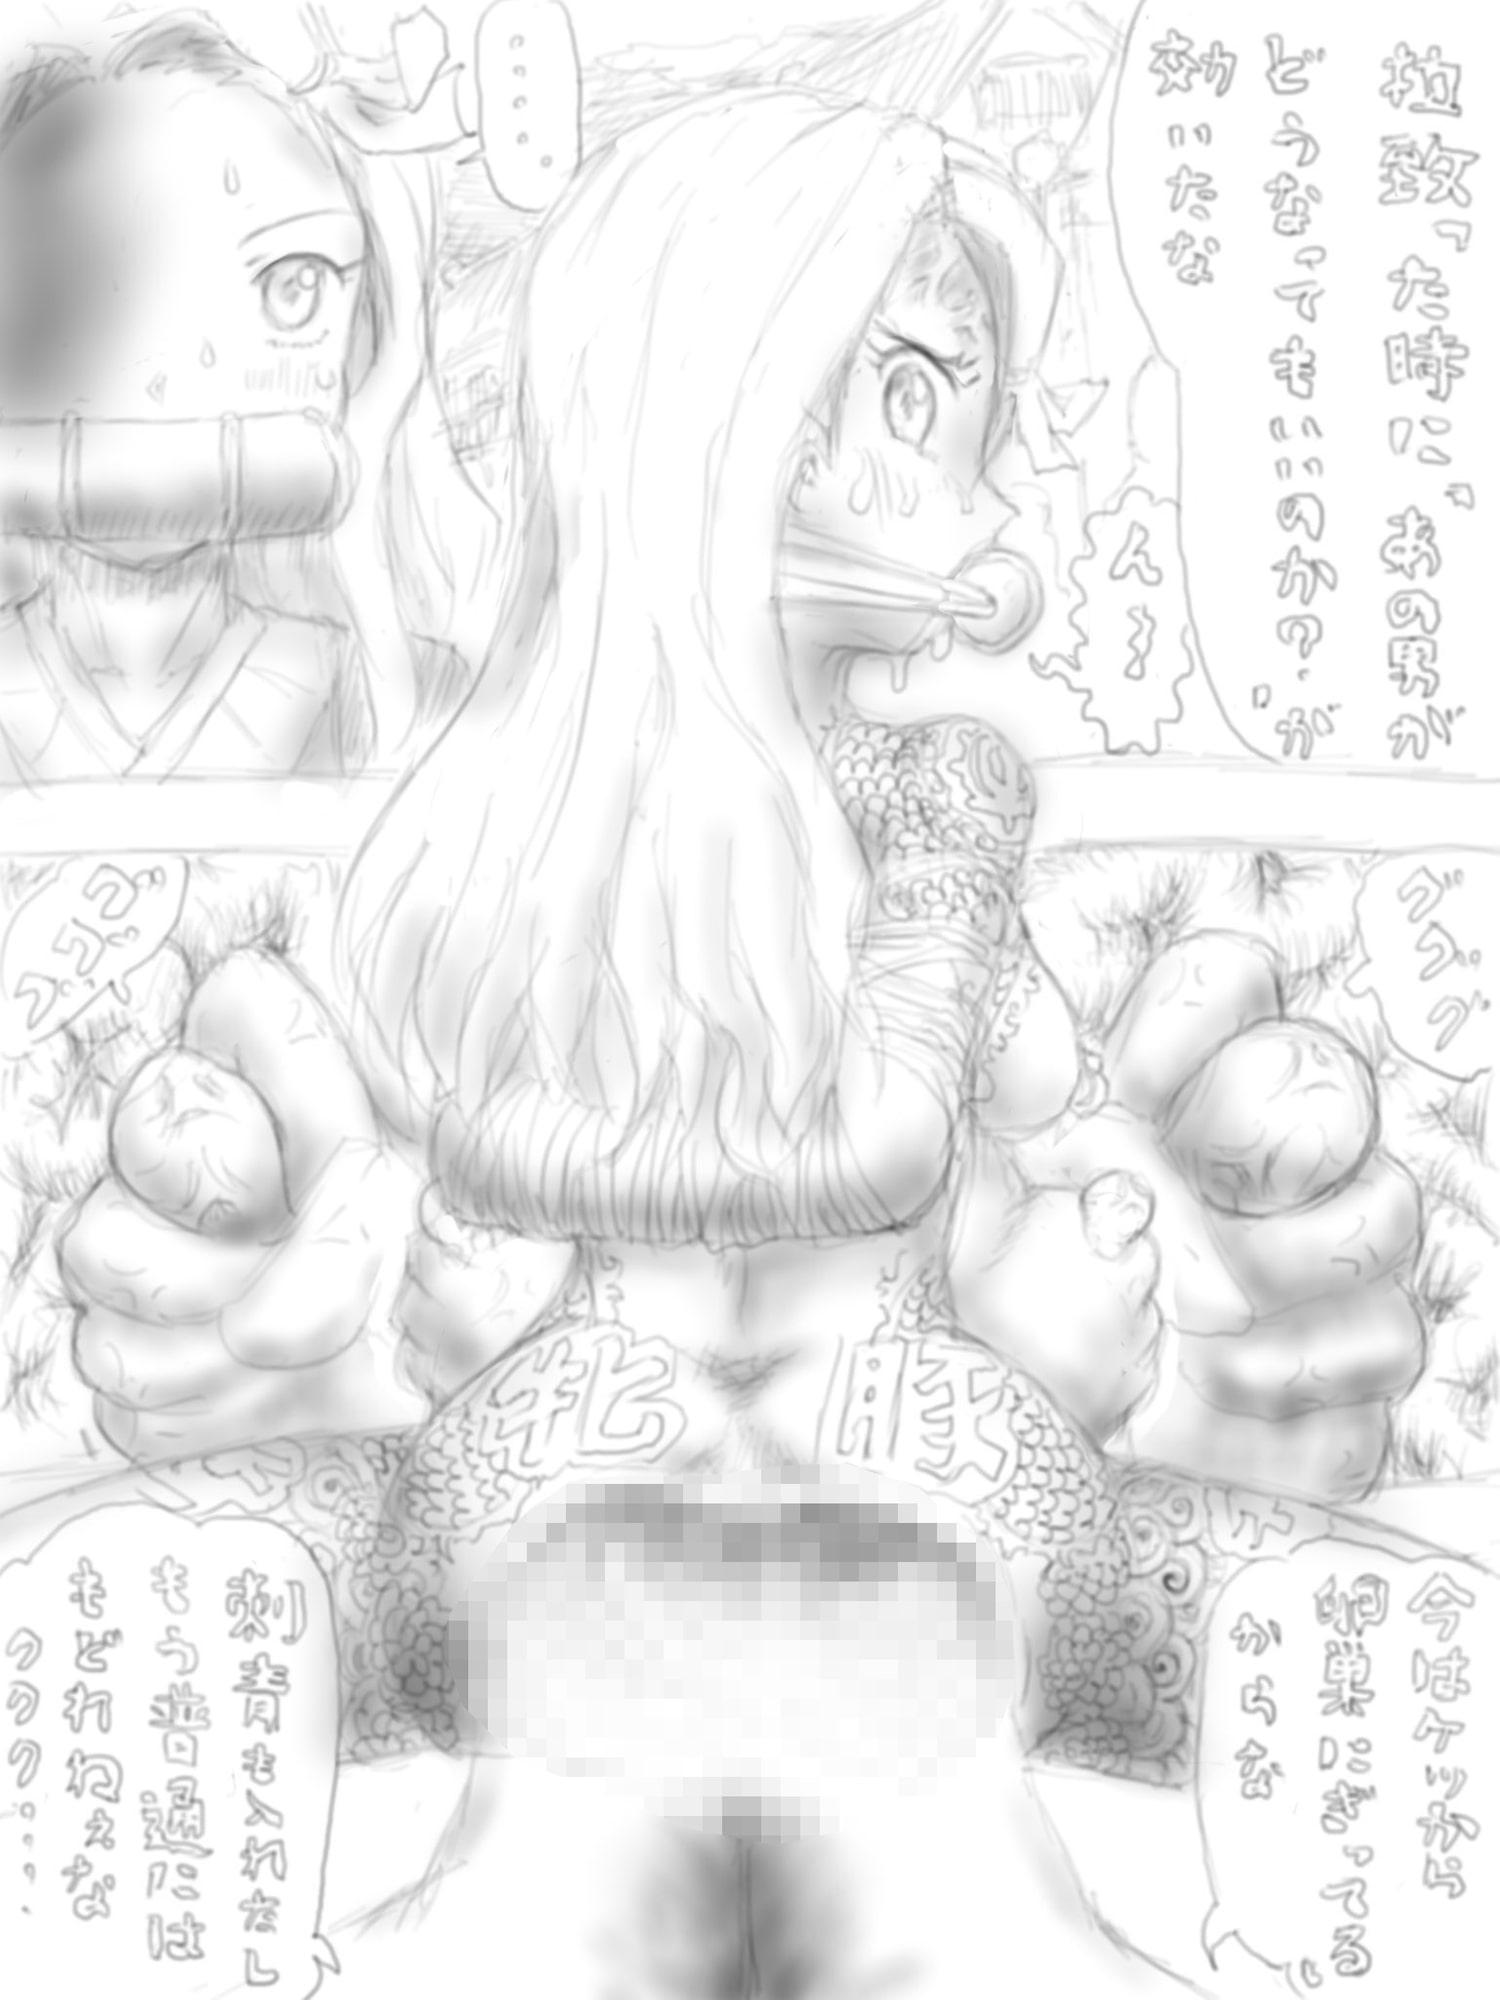 血鬼術 爆イキのサンプル画像